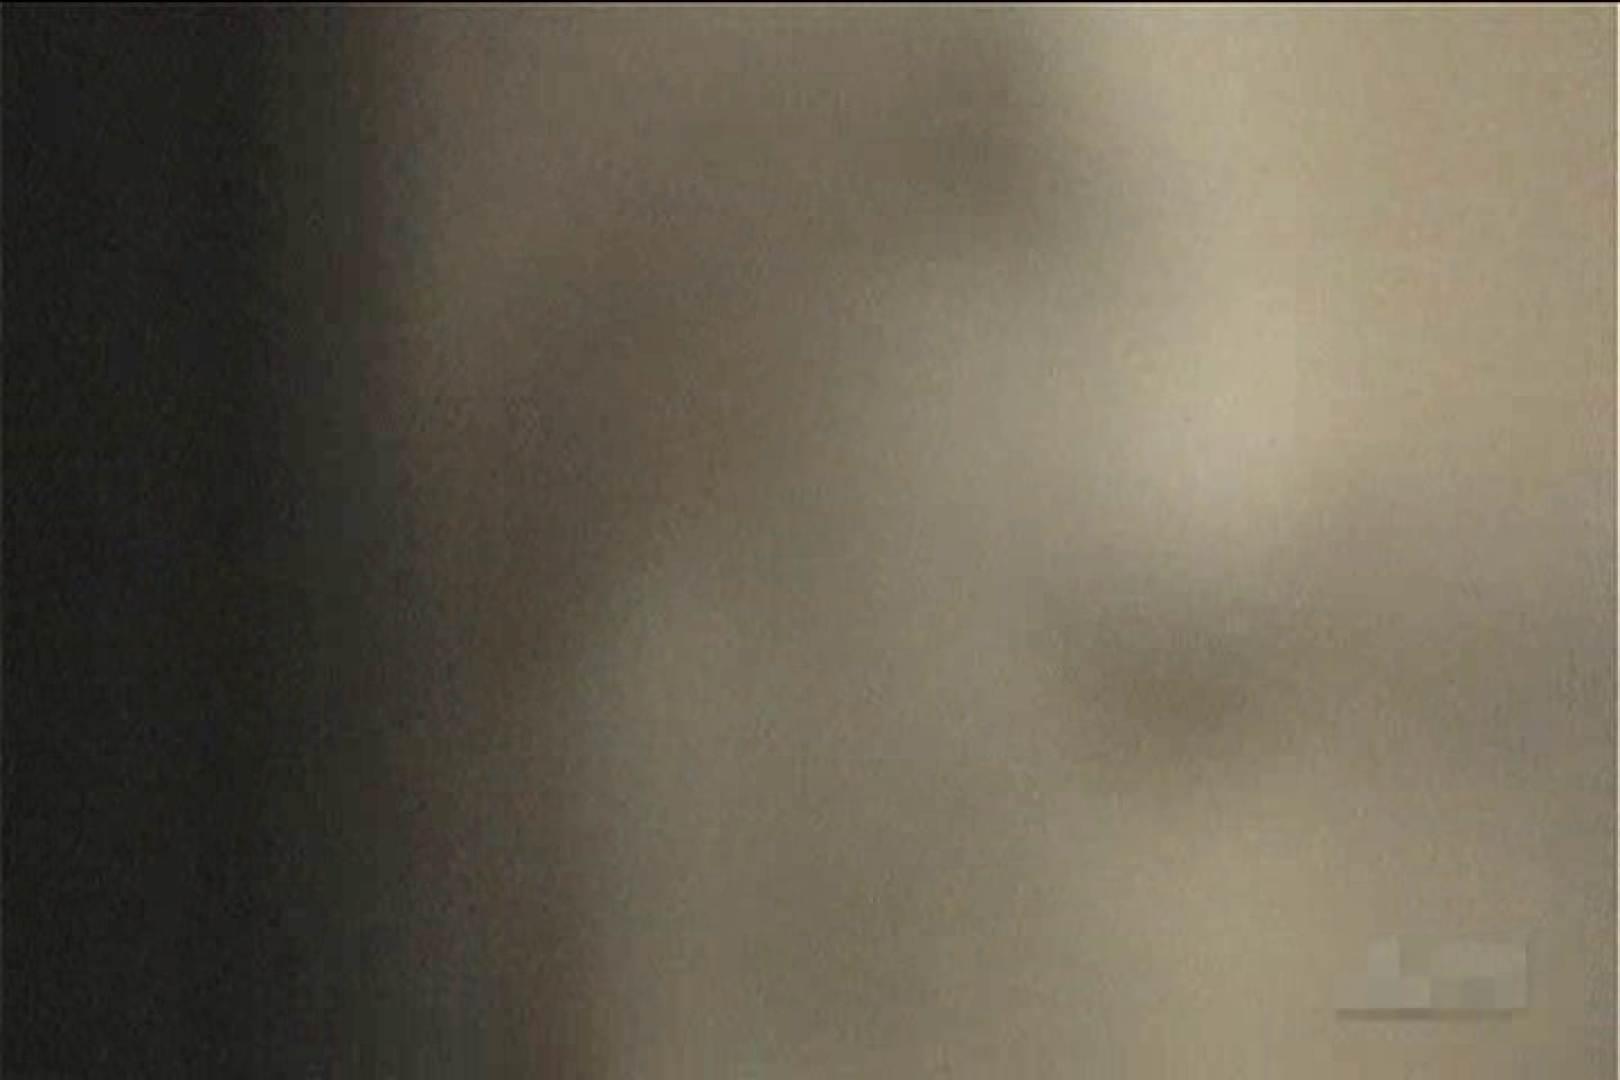 激撮ストーカー記録あなたのお宅拝見しますVol.8 OLヌード天国 アダルト動画キャプチャ 83PIX 72